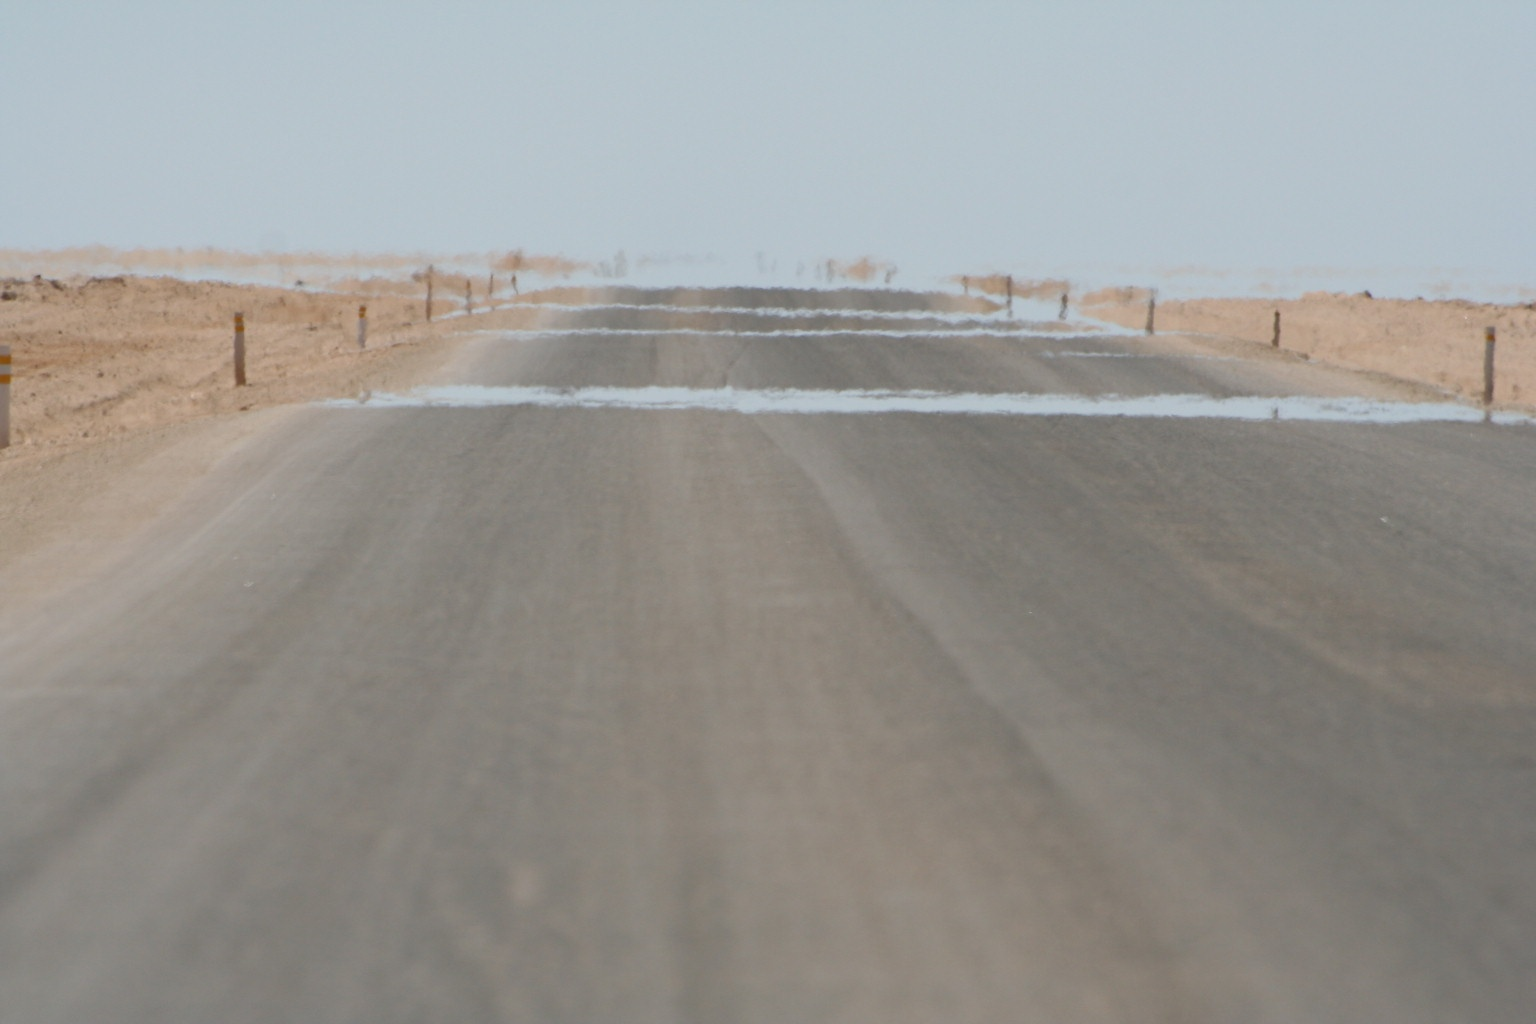 A mirage on a salt road